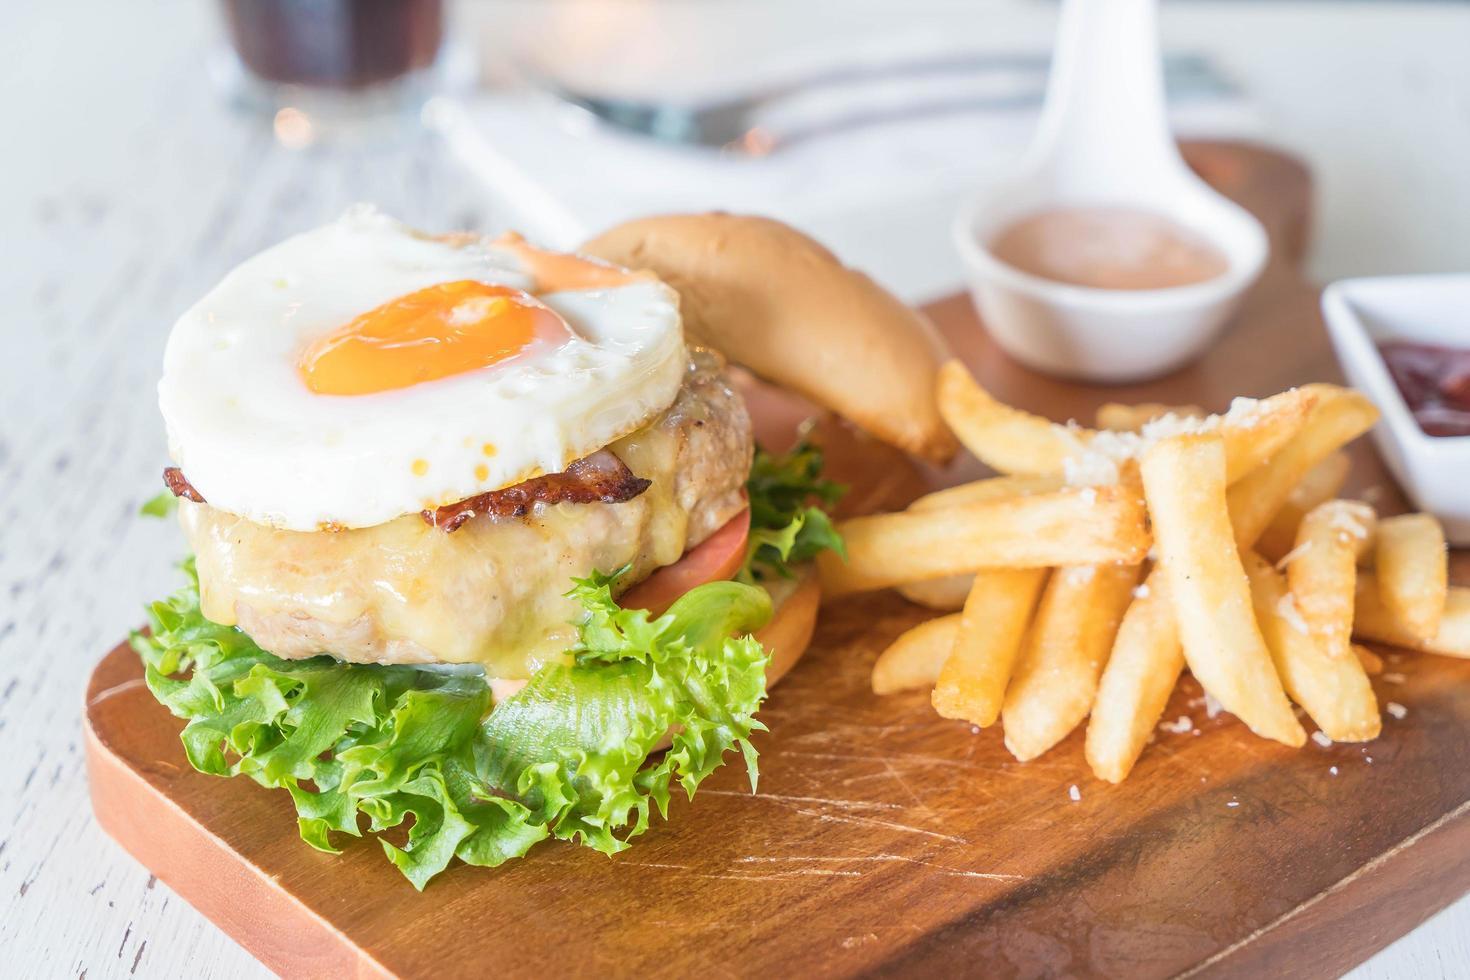 Cheeseburger and fries photo